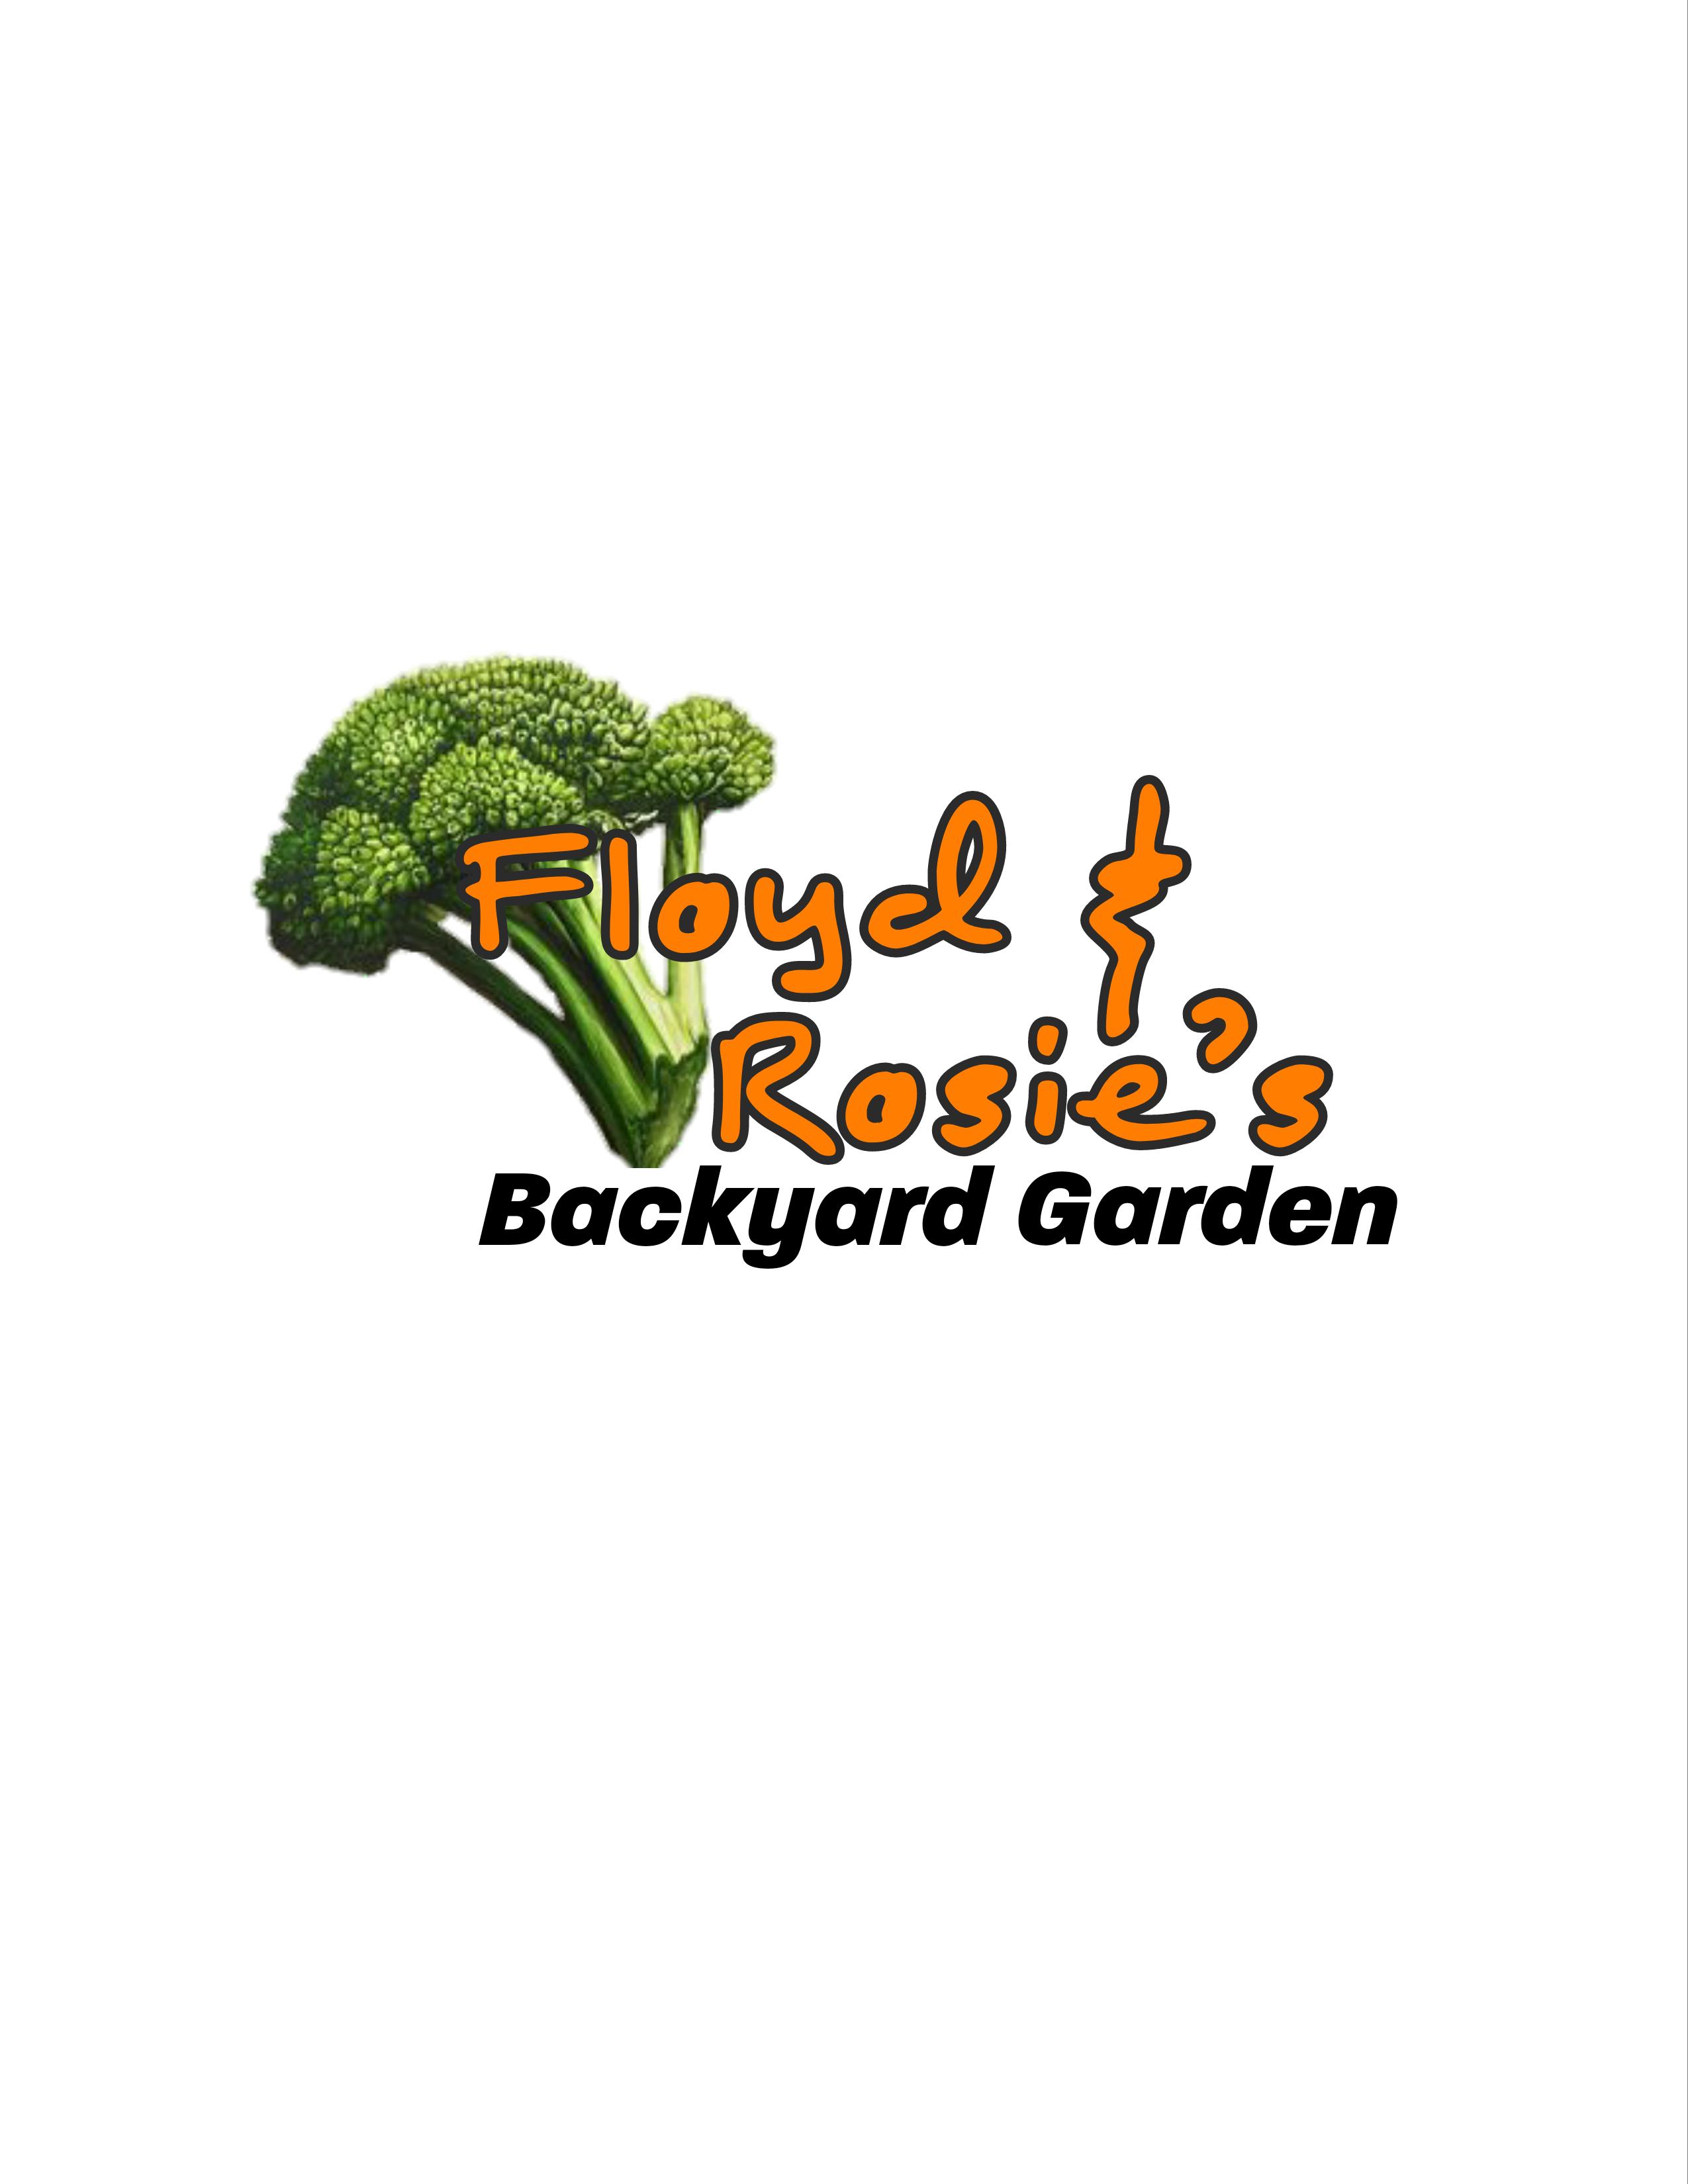 Floyd & Rosie's Backyard Garden